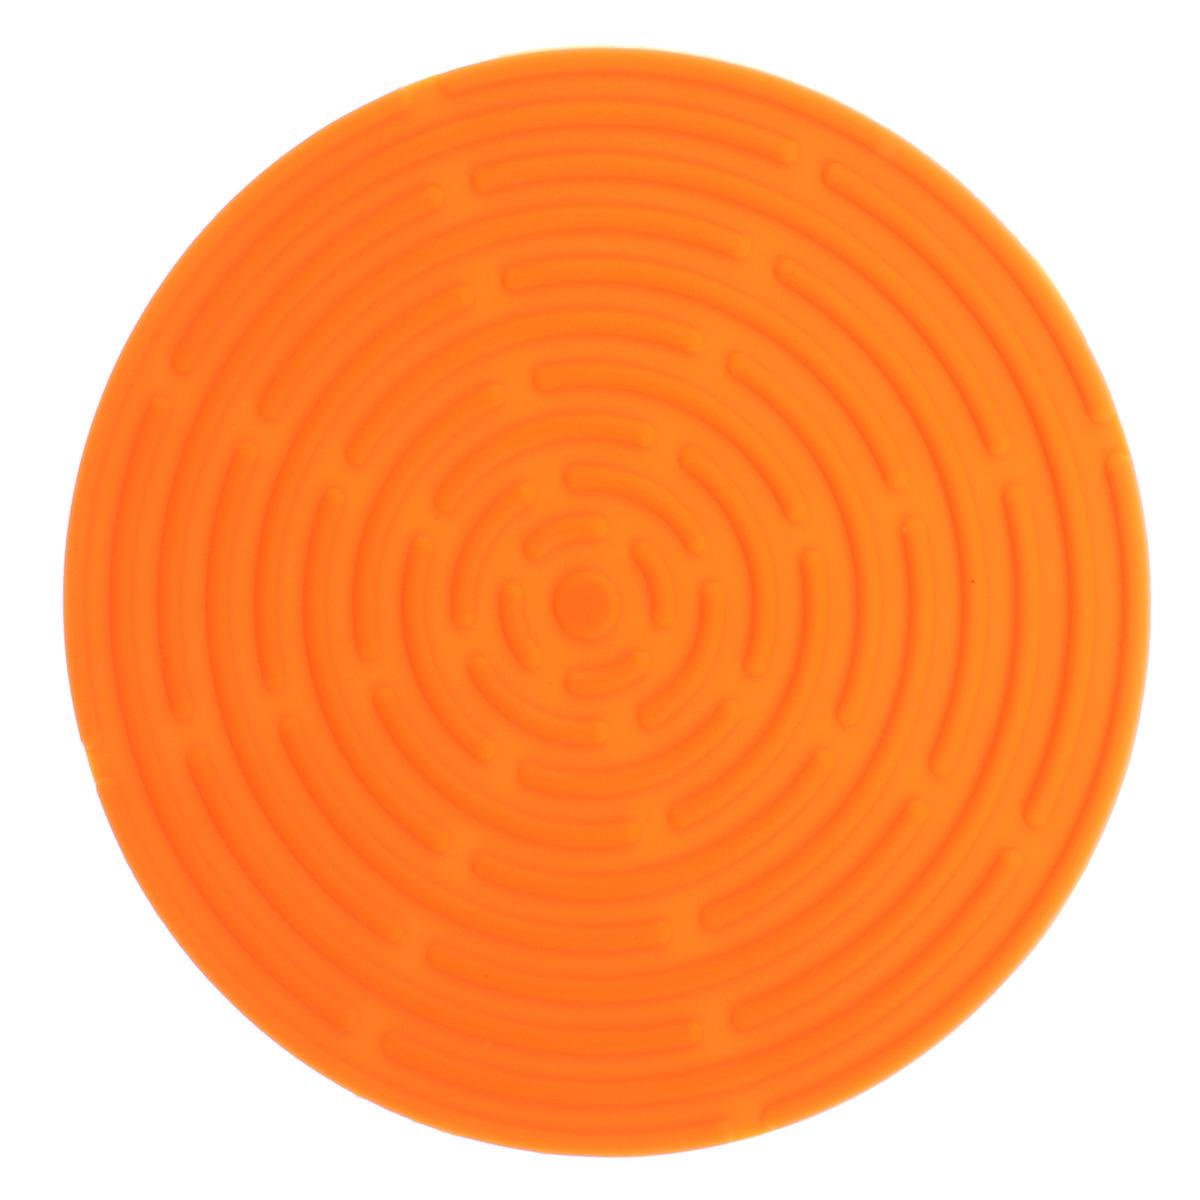 Подставка под горячее Atlantis, цвет: оранжевый, диаметр 15 смSC-MT-010-OКруглая подставка под горячее Atlantis изготовлена из высококачественного пищевого силикона. Выдерживает температуру до +230°С, не впитывает запахи и предохраняет поверхность вашего стола от высоких температур. Оригинальный дизайн внесет свежесть и новизну в интерьер кухни. Подставка под горячее станет незаменимым помощником на кухне. Легко моется в посудомоечной машине.